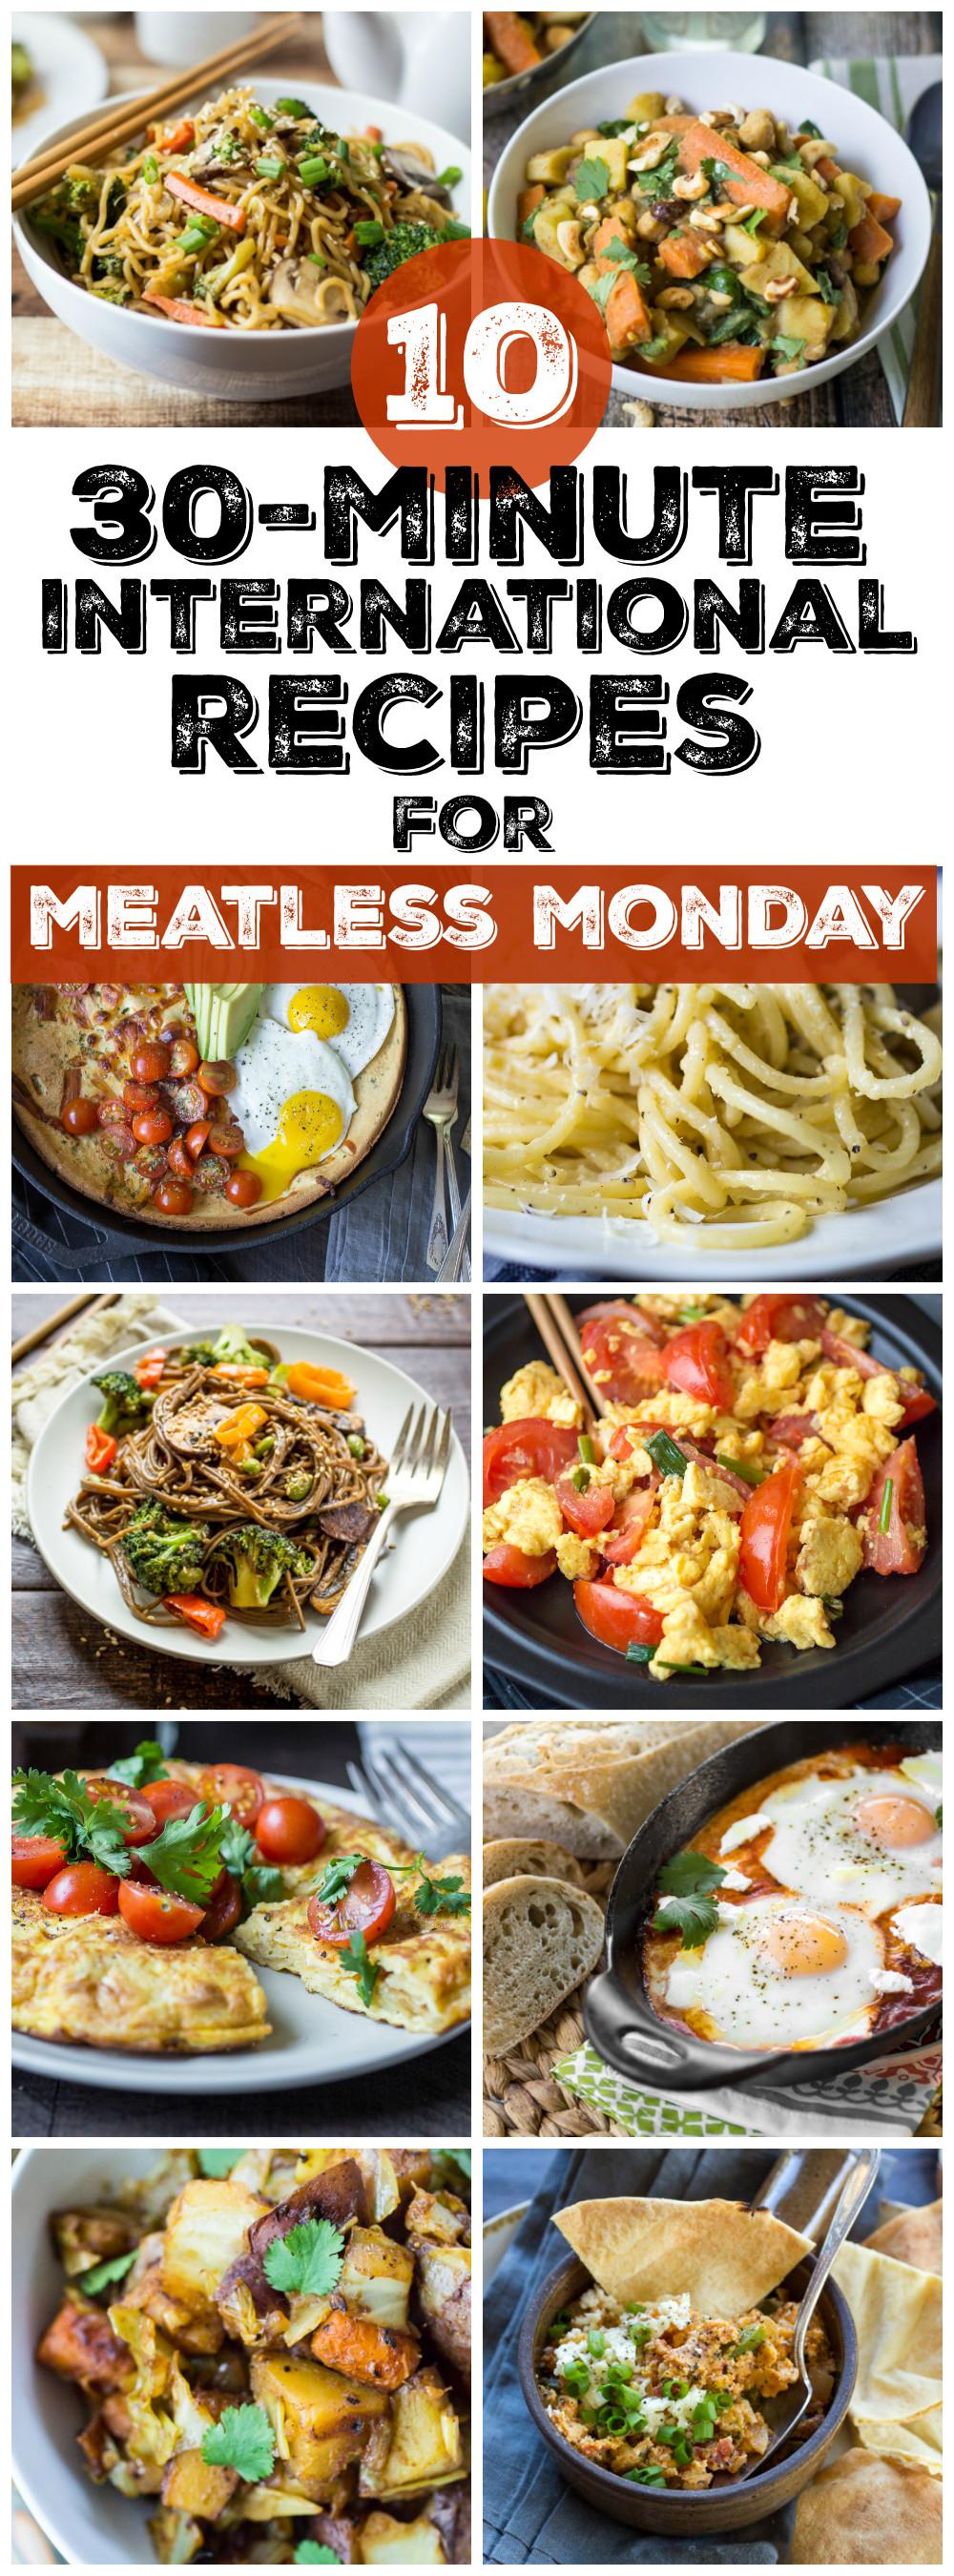 Easy Vegan Dinner Recipes  10 Easy Ve arian Dinner Recipes from Around the World